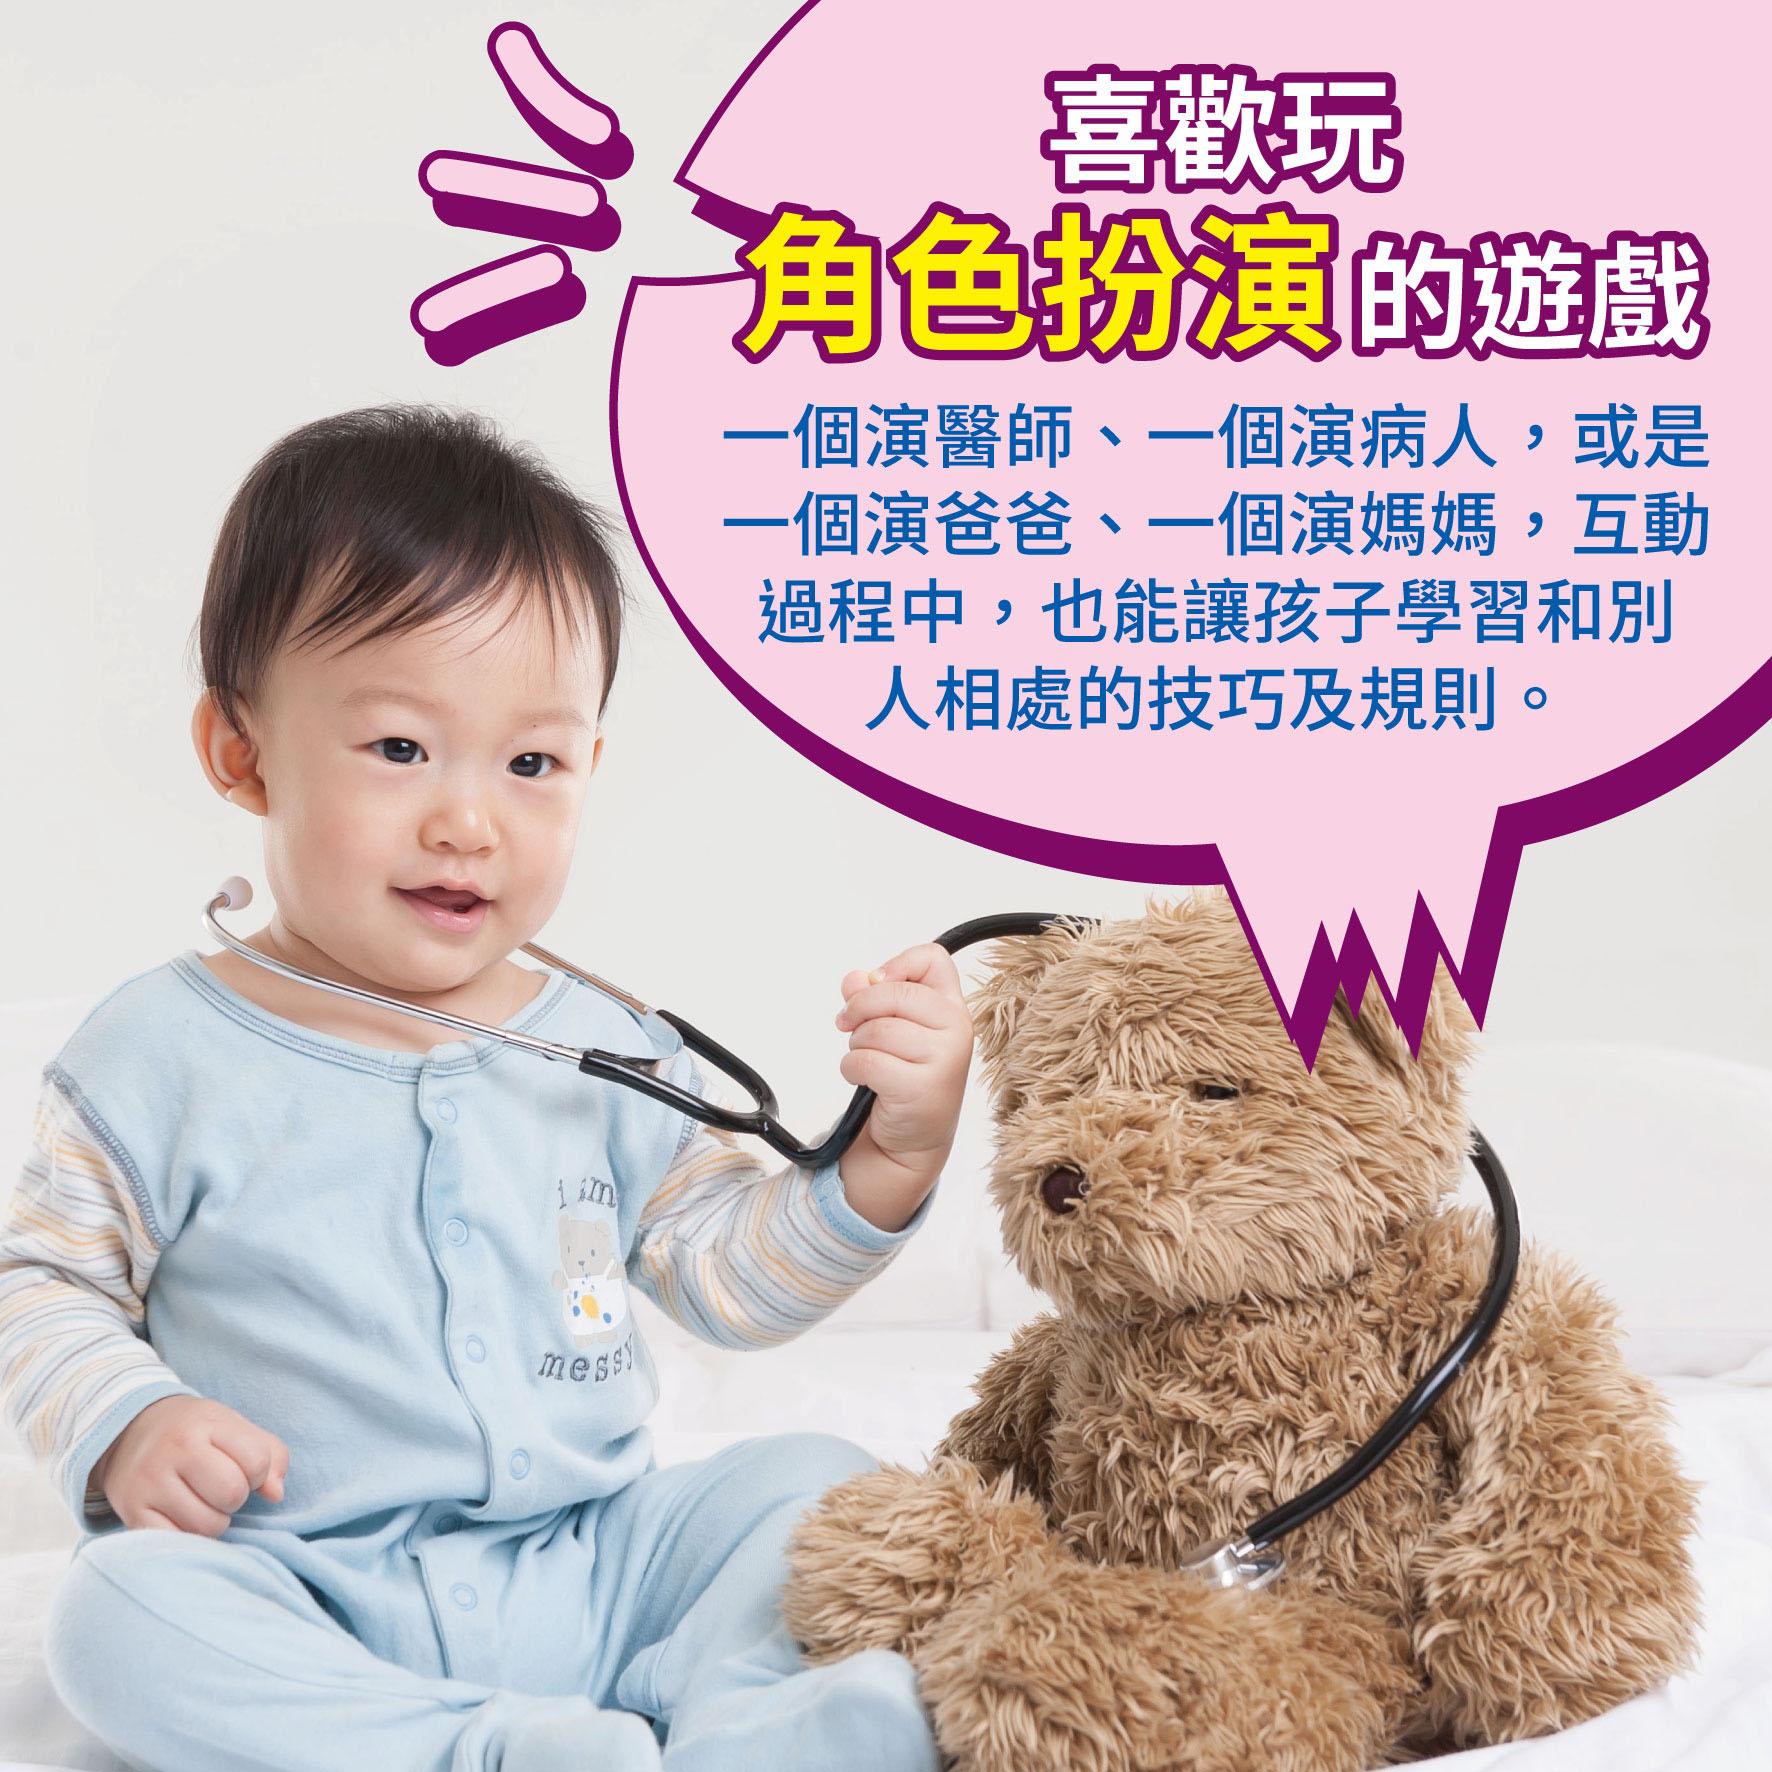 幼兒2歲(第36週)喜歡玩角色扮演的遊戲